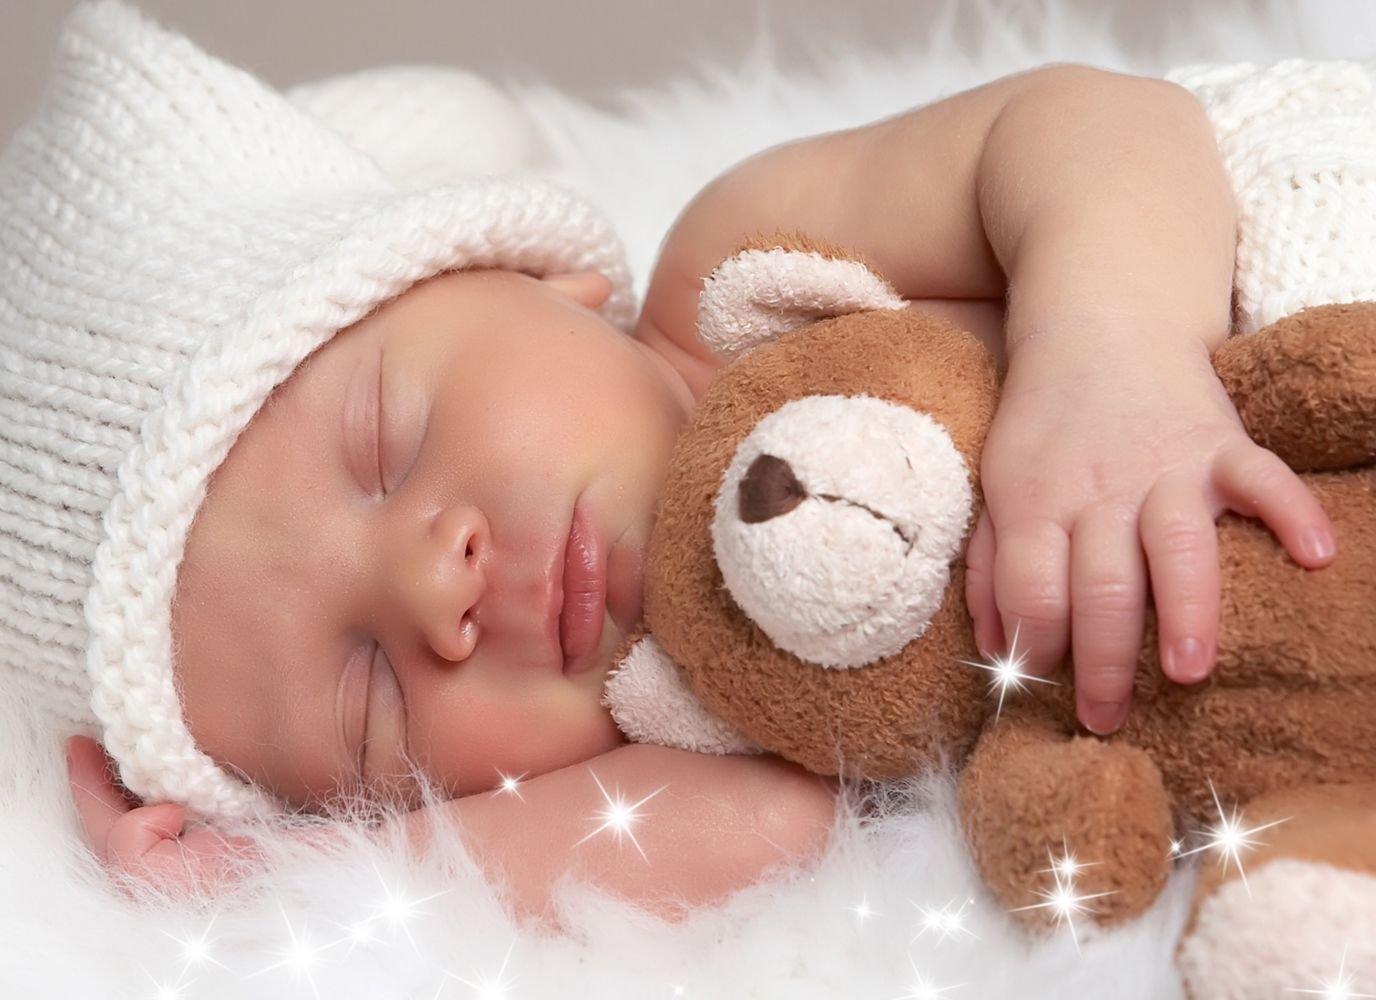 Kartenparadies Danksagung Danksagung Danksagung für Geburt Baby Dankeskarte Star, hochwertige Danksagungskarte Baby inklusive Umschläge   10 Karten - (Format  148x105 mm) Farbe  RosaRosa B01N4TY8J8 | Elegantes Aussehen  | Günstigen Preis  | Haltbarer Service  0d359d